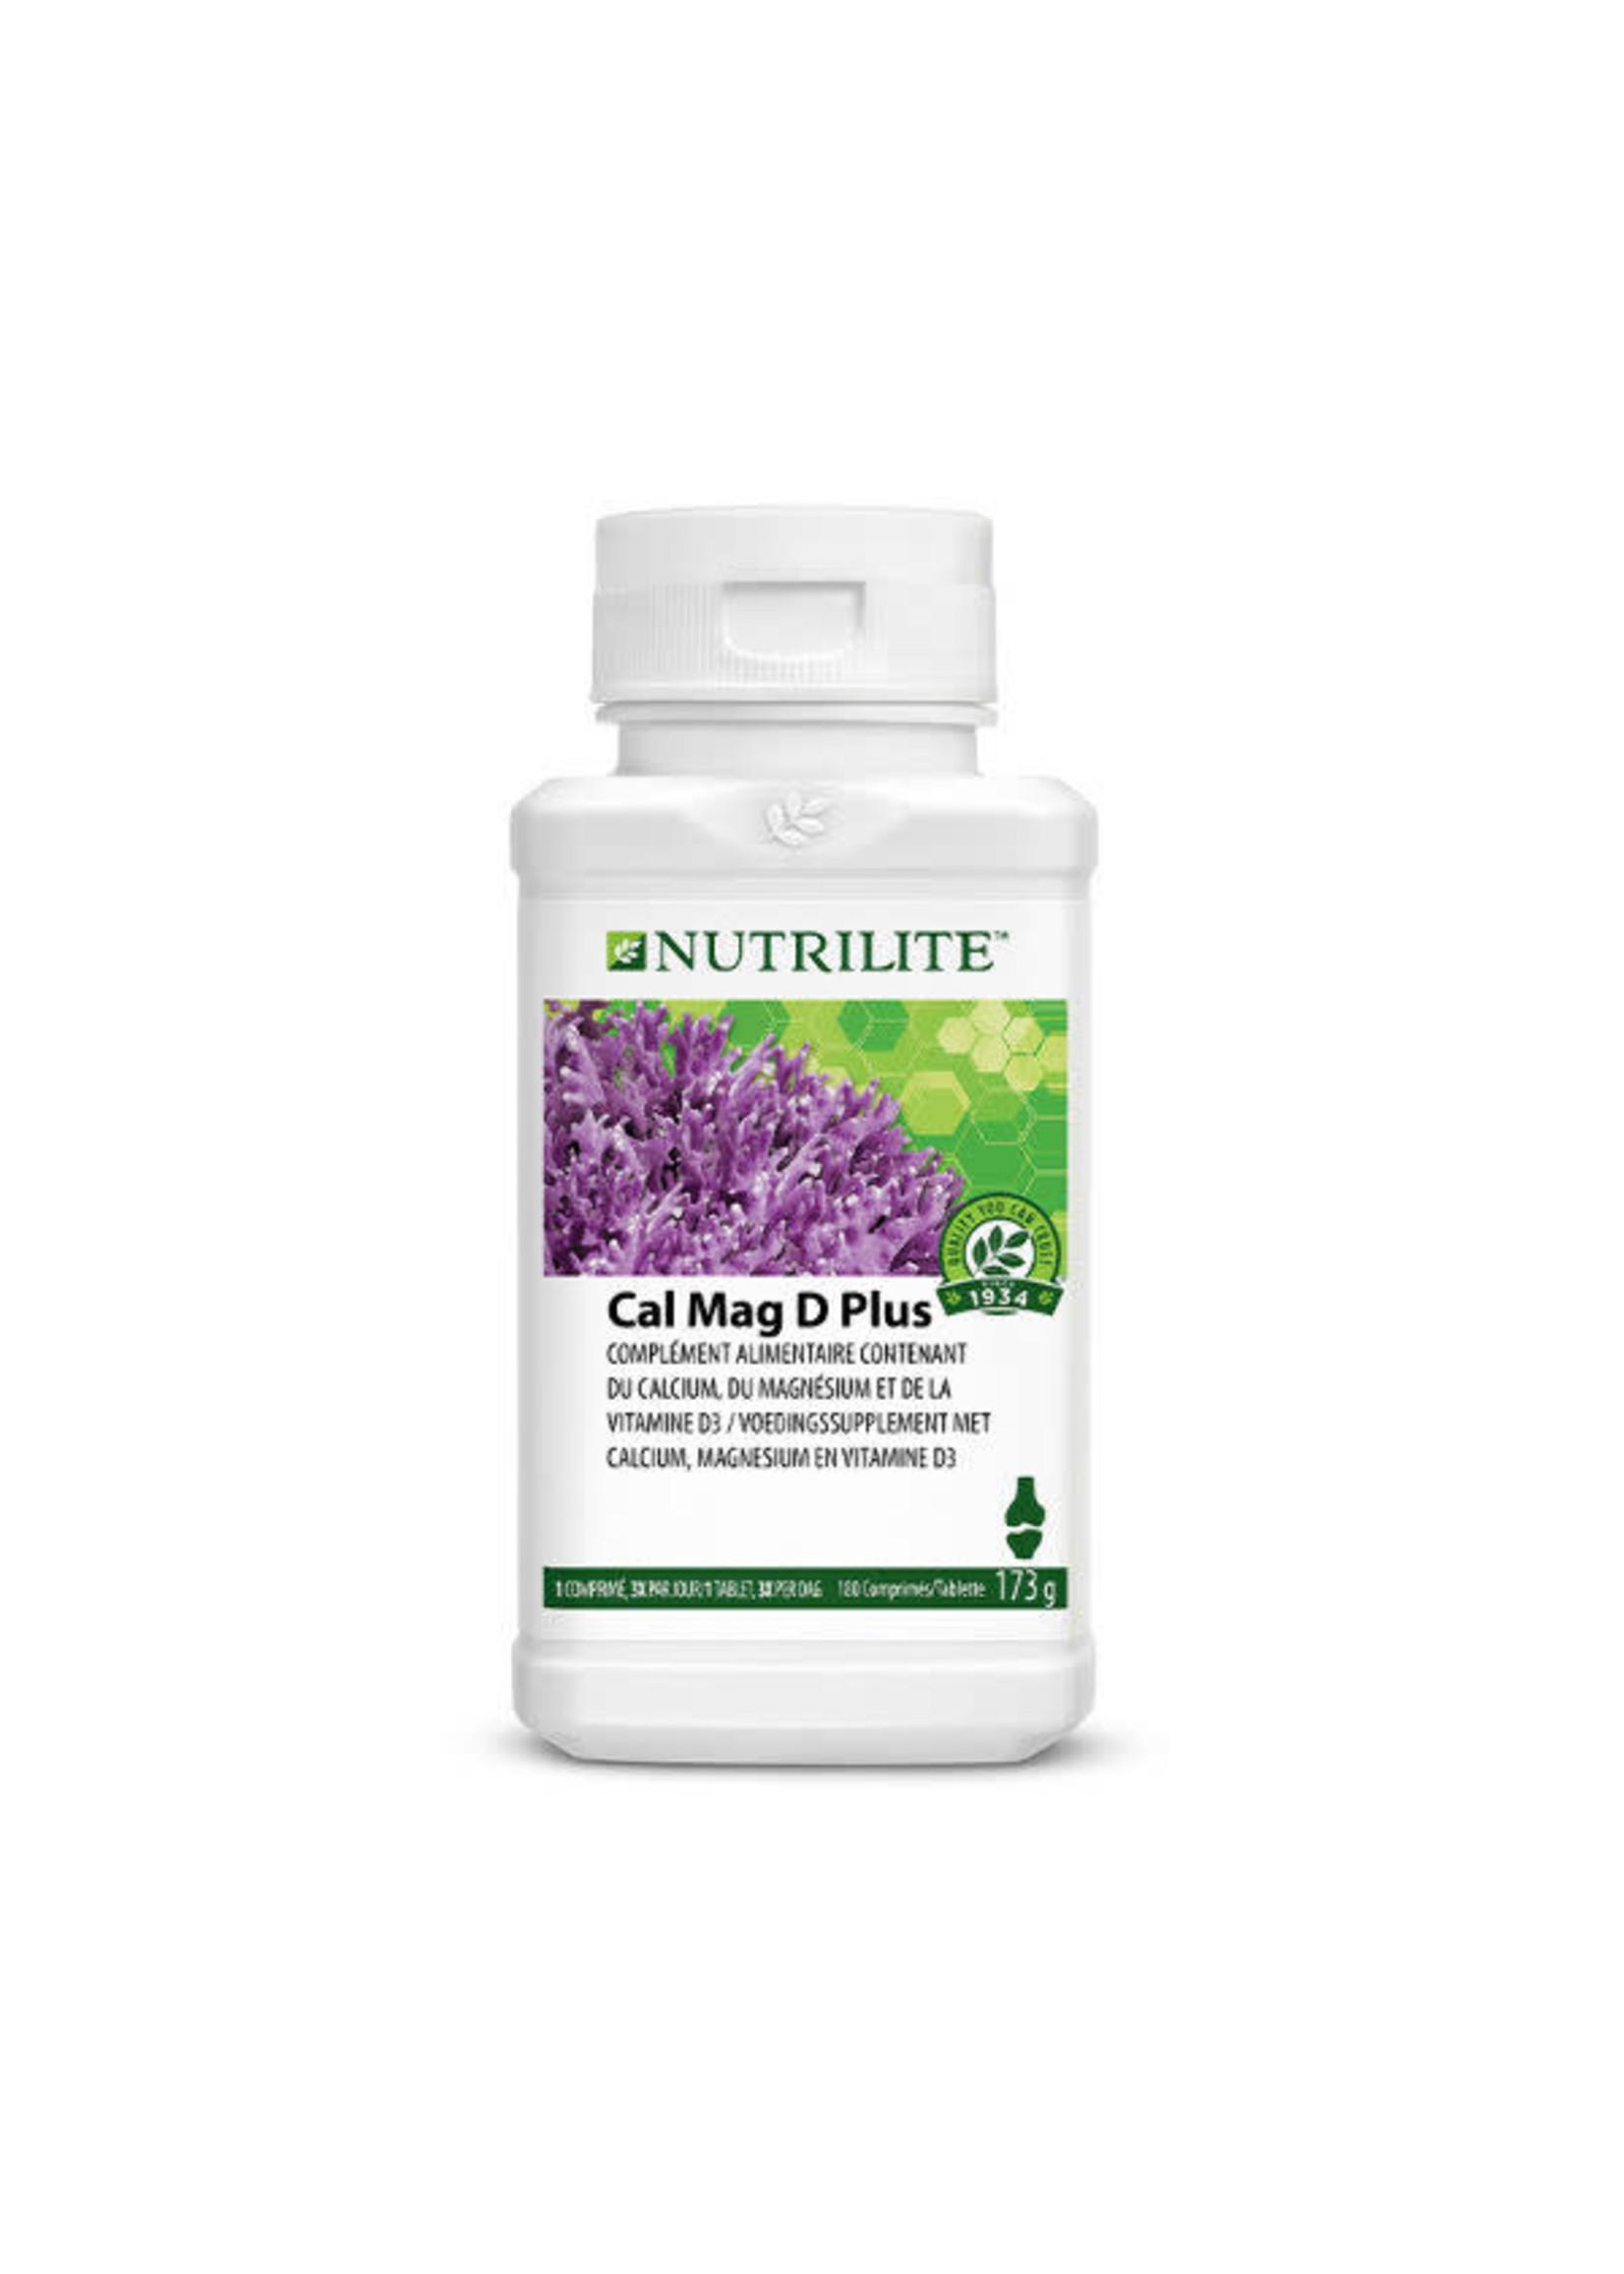 Nutrilite Calcium Magnesium vit D Nutrilite